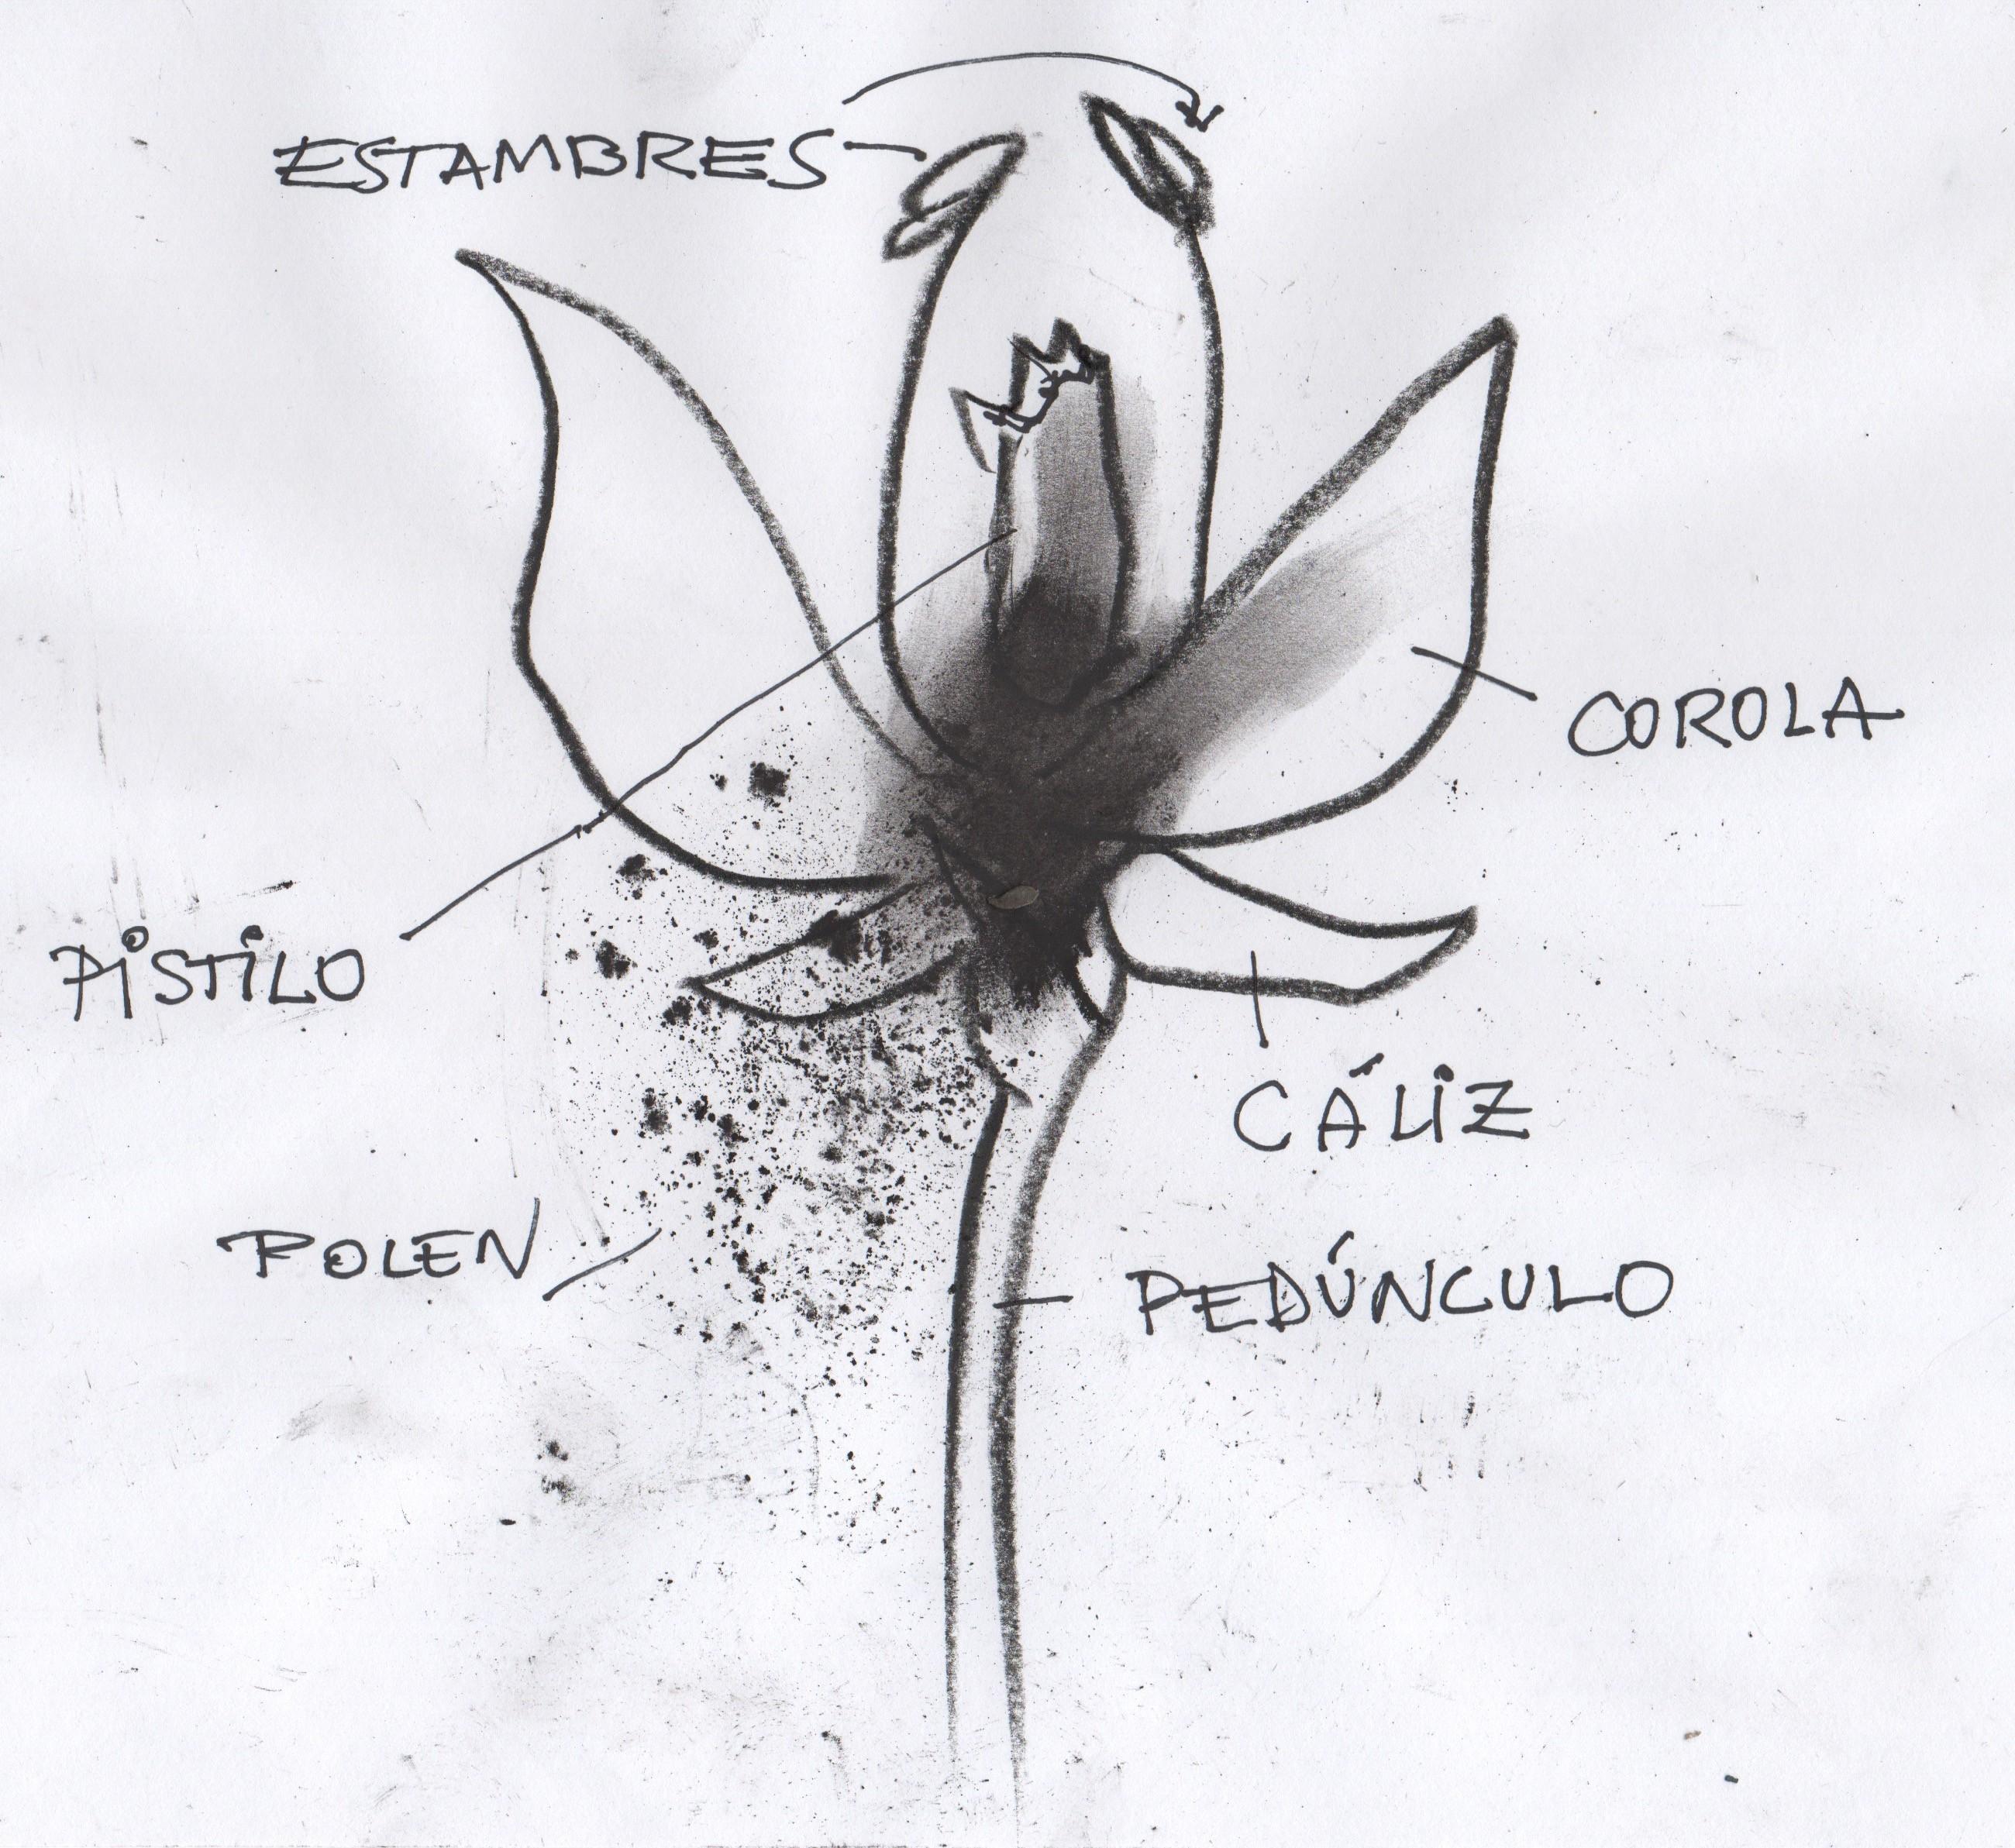 Anatomía De Una Flor I Academia Acai Sabadell